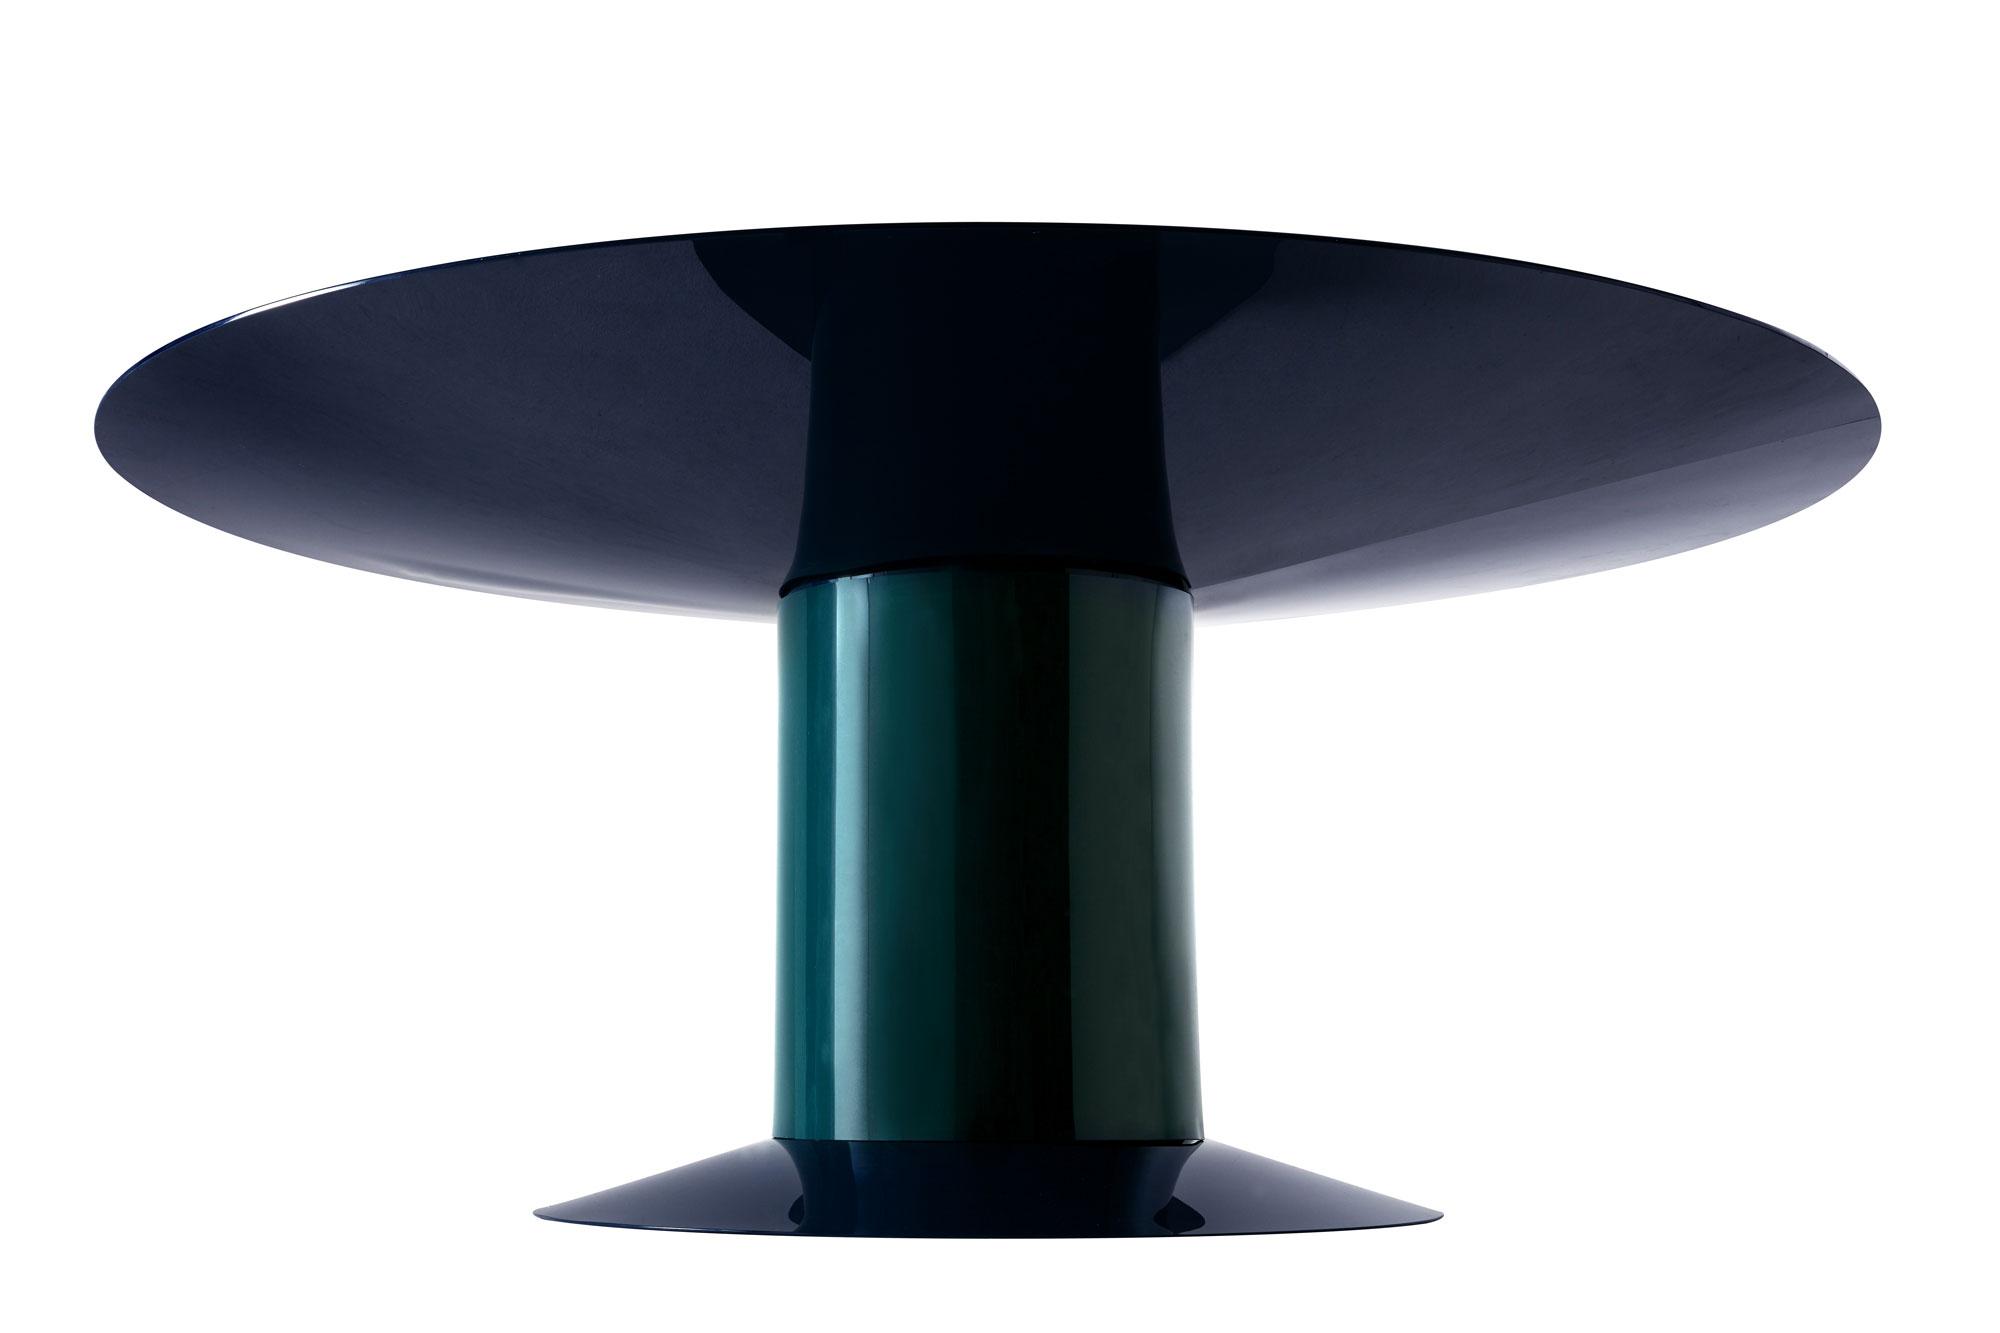 Li da jean nouvel design for Table marbre roche bobois